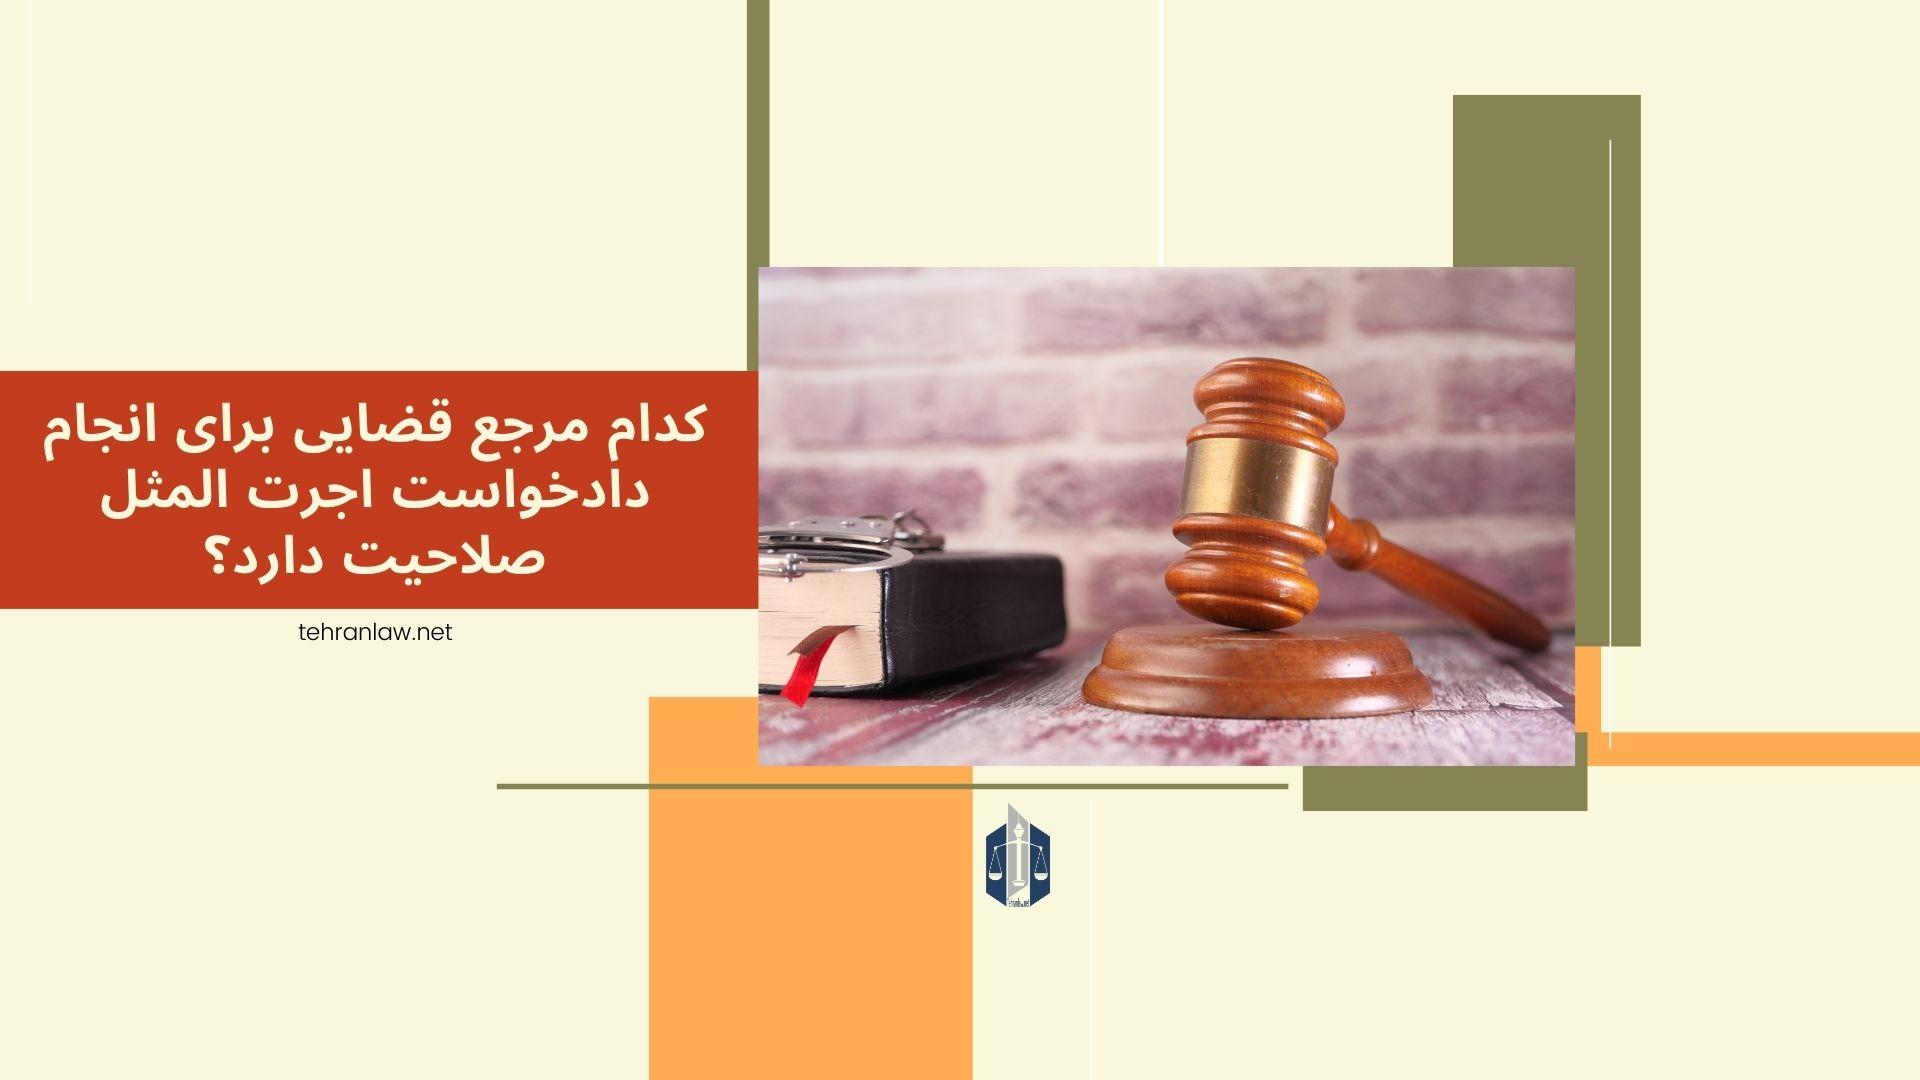 کدام مرجع قضایی برای انجام دادخواست اجرت المثل صلاحیت دارد؟